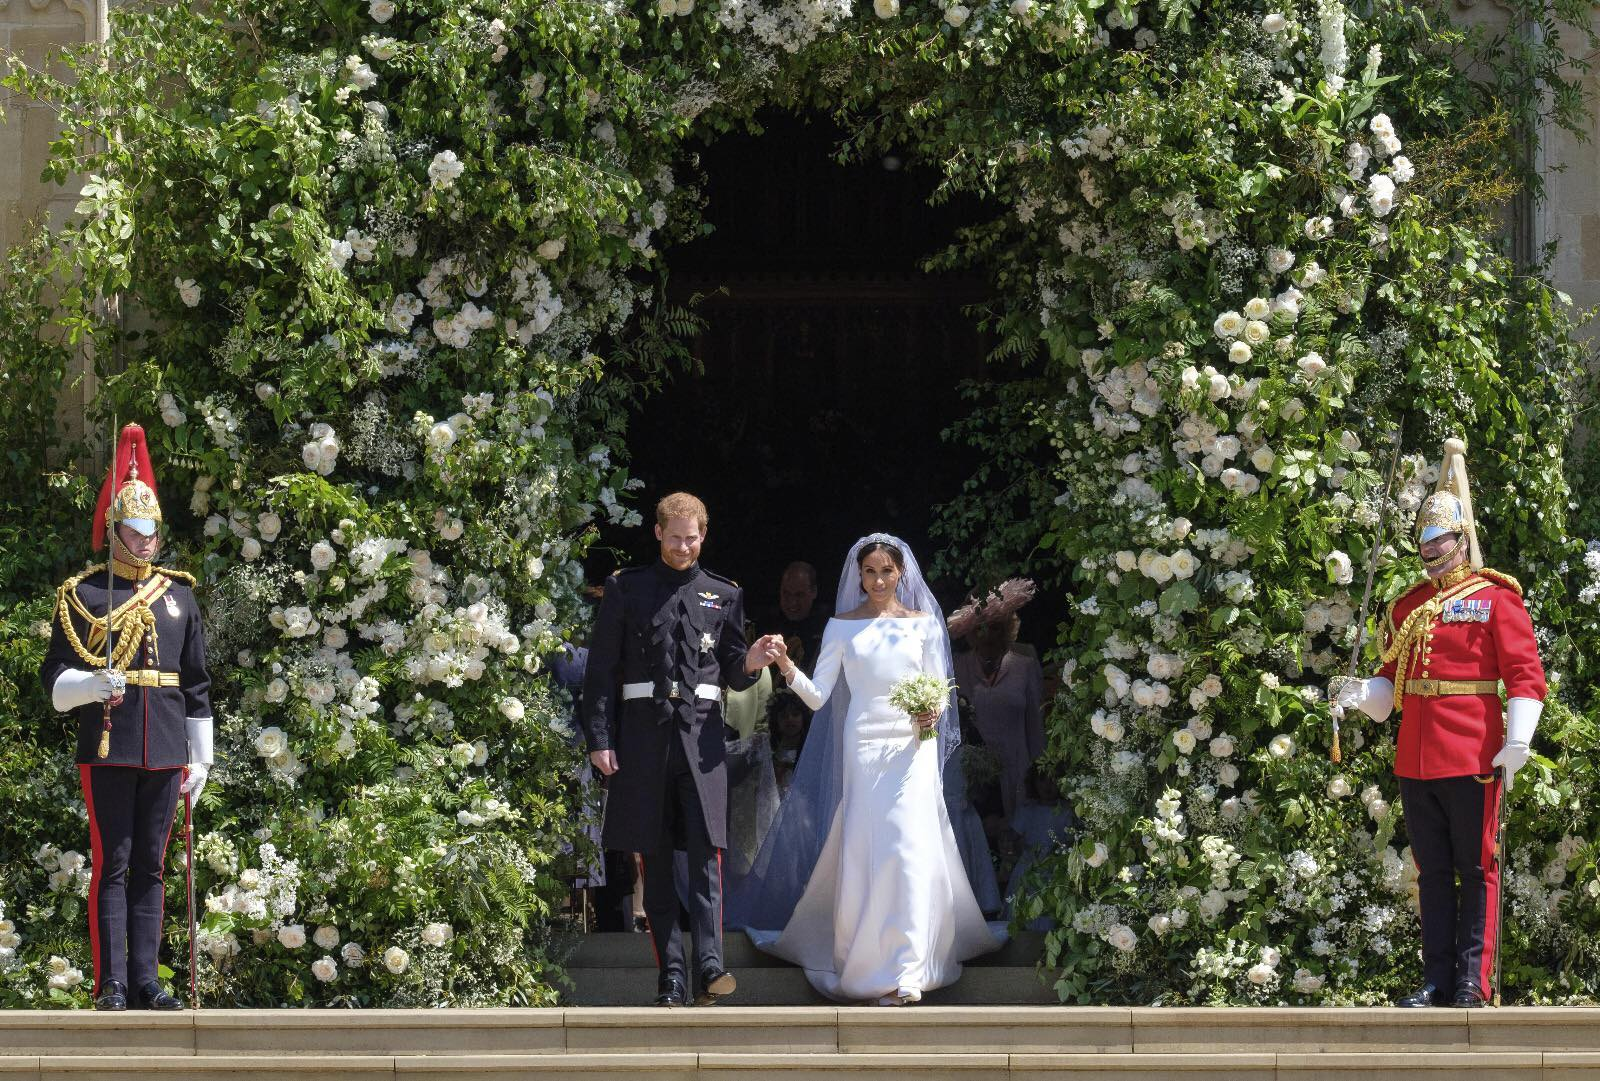 Harry & Meghan Royal Wedding 2018